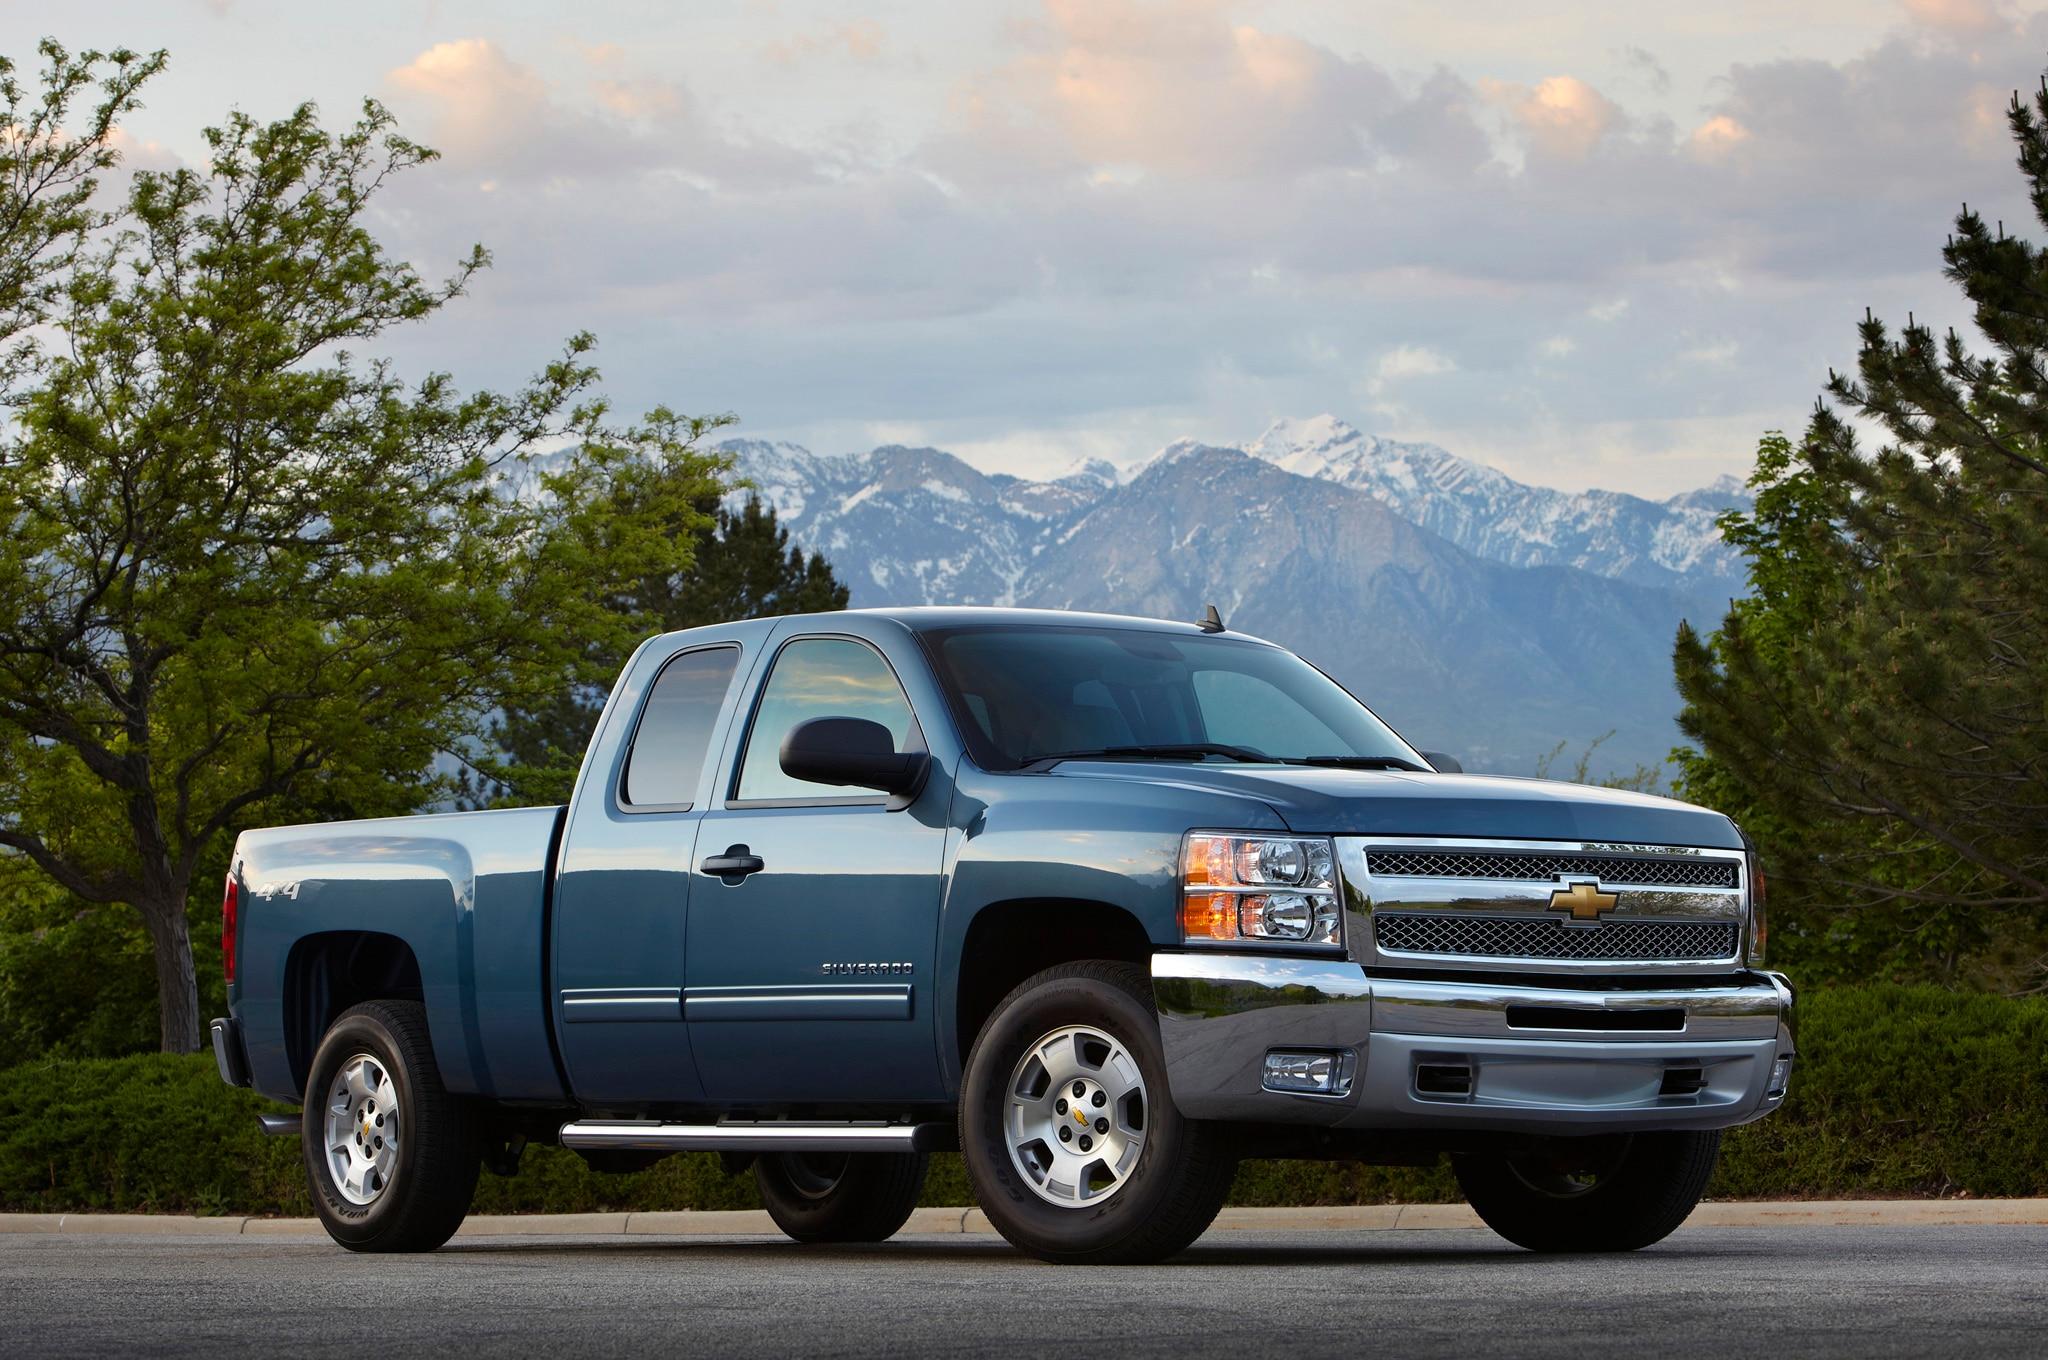 2015 Chevrolet Silverado Custom Adds 20-Inch Wheels ...